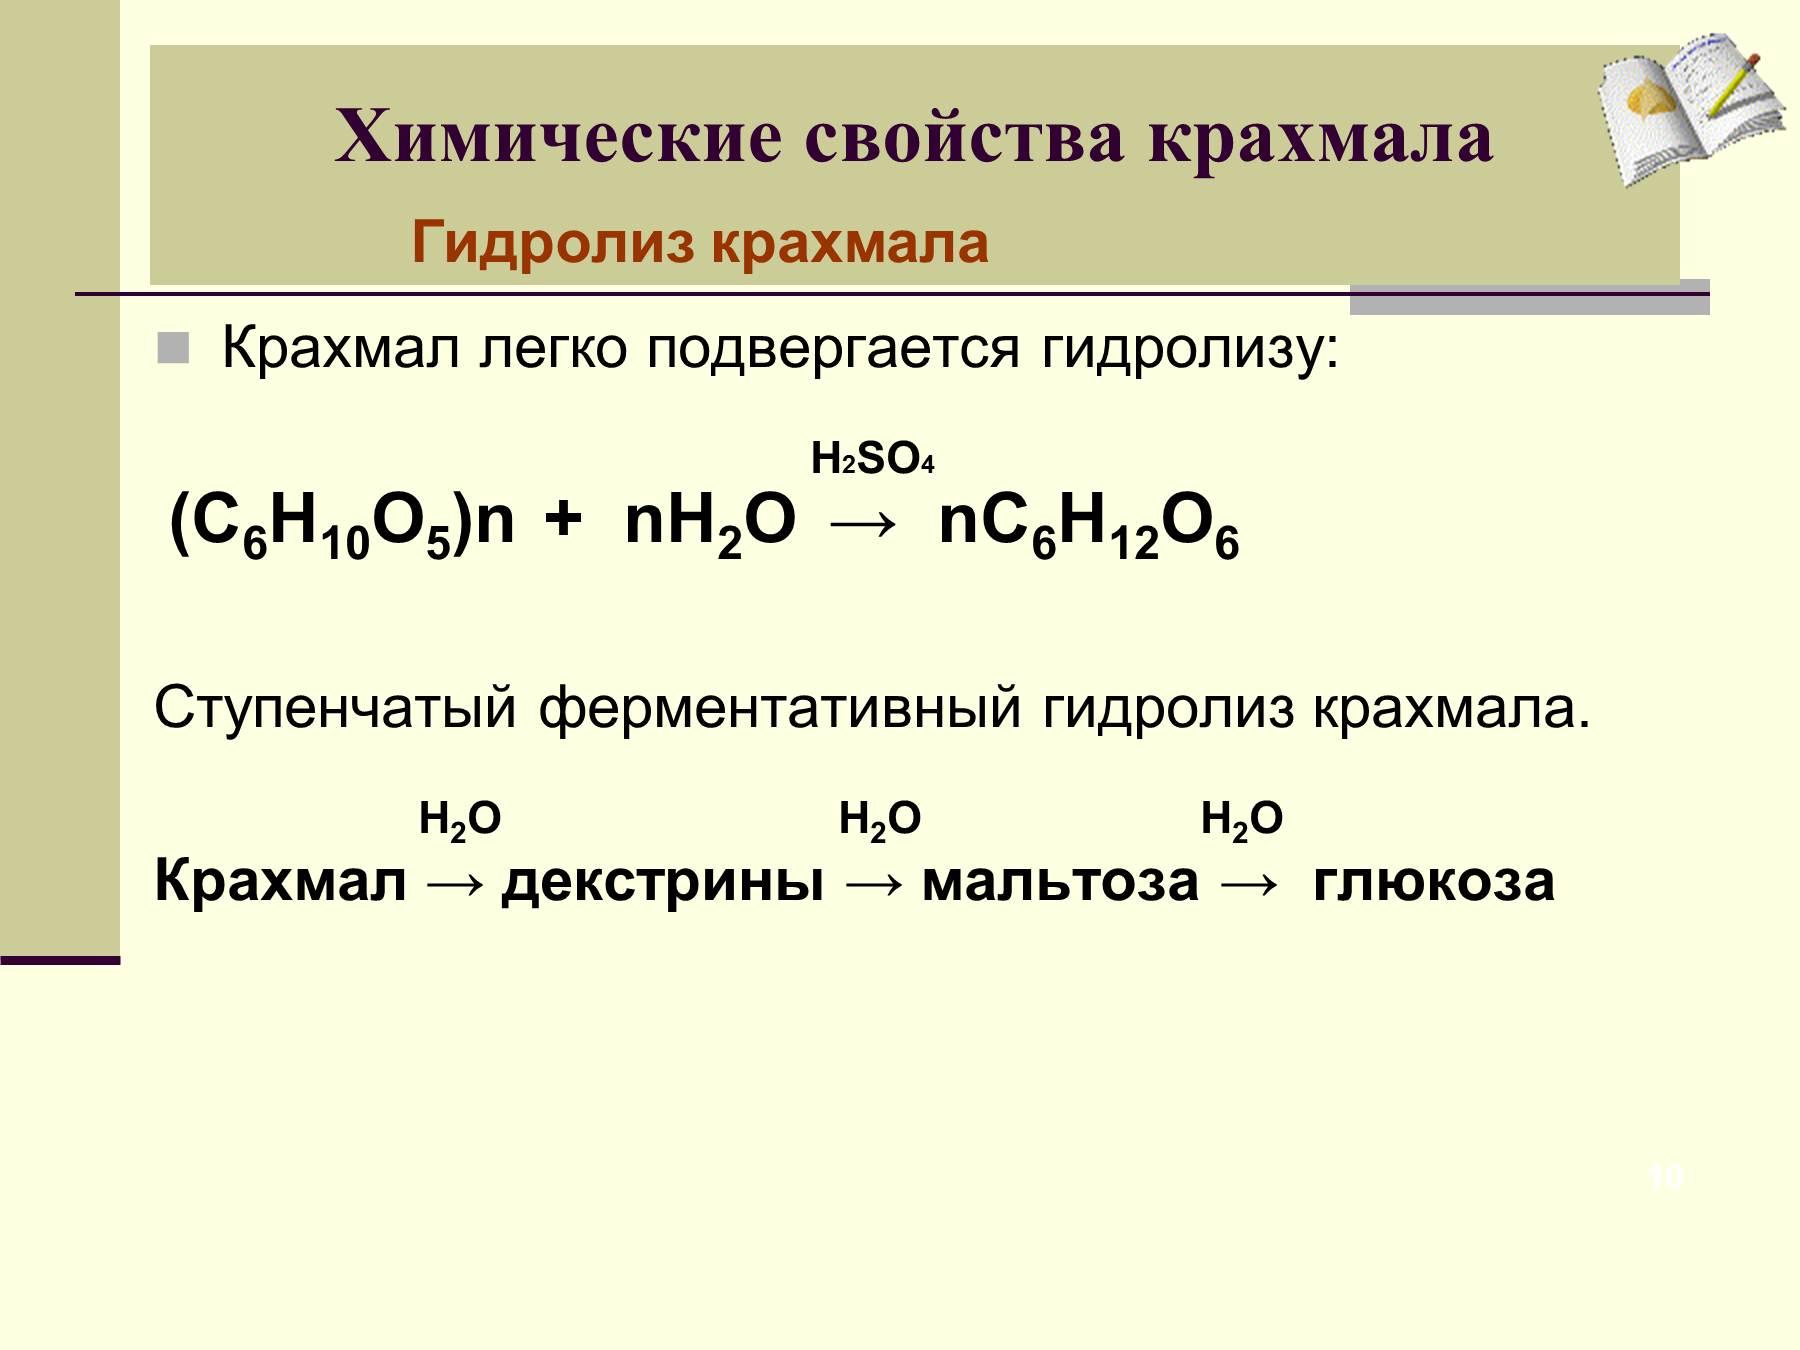 Составьте схему получения этанола из крахмала условия проведения реакции